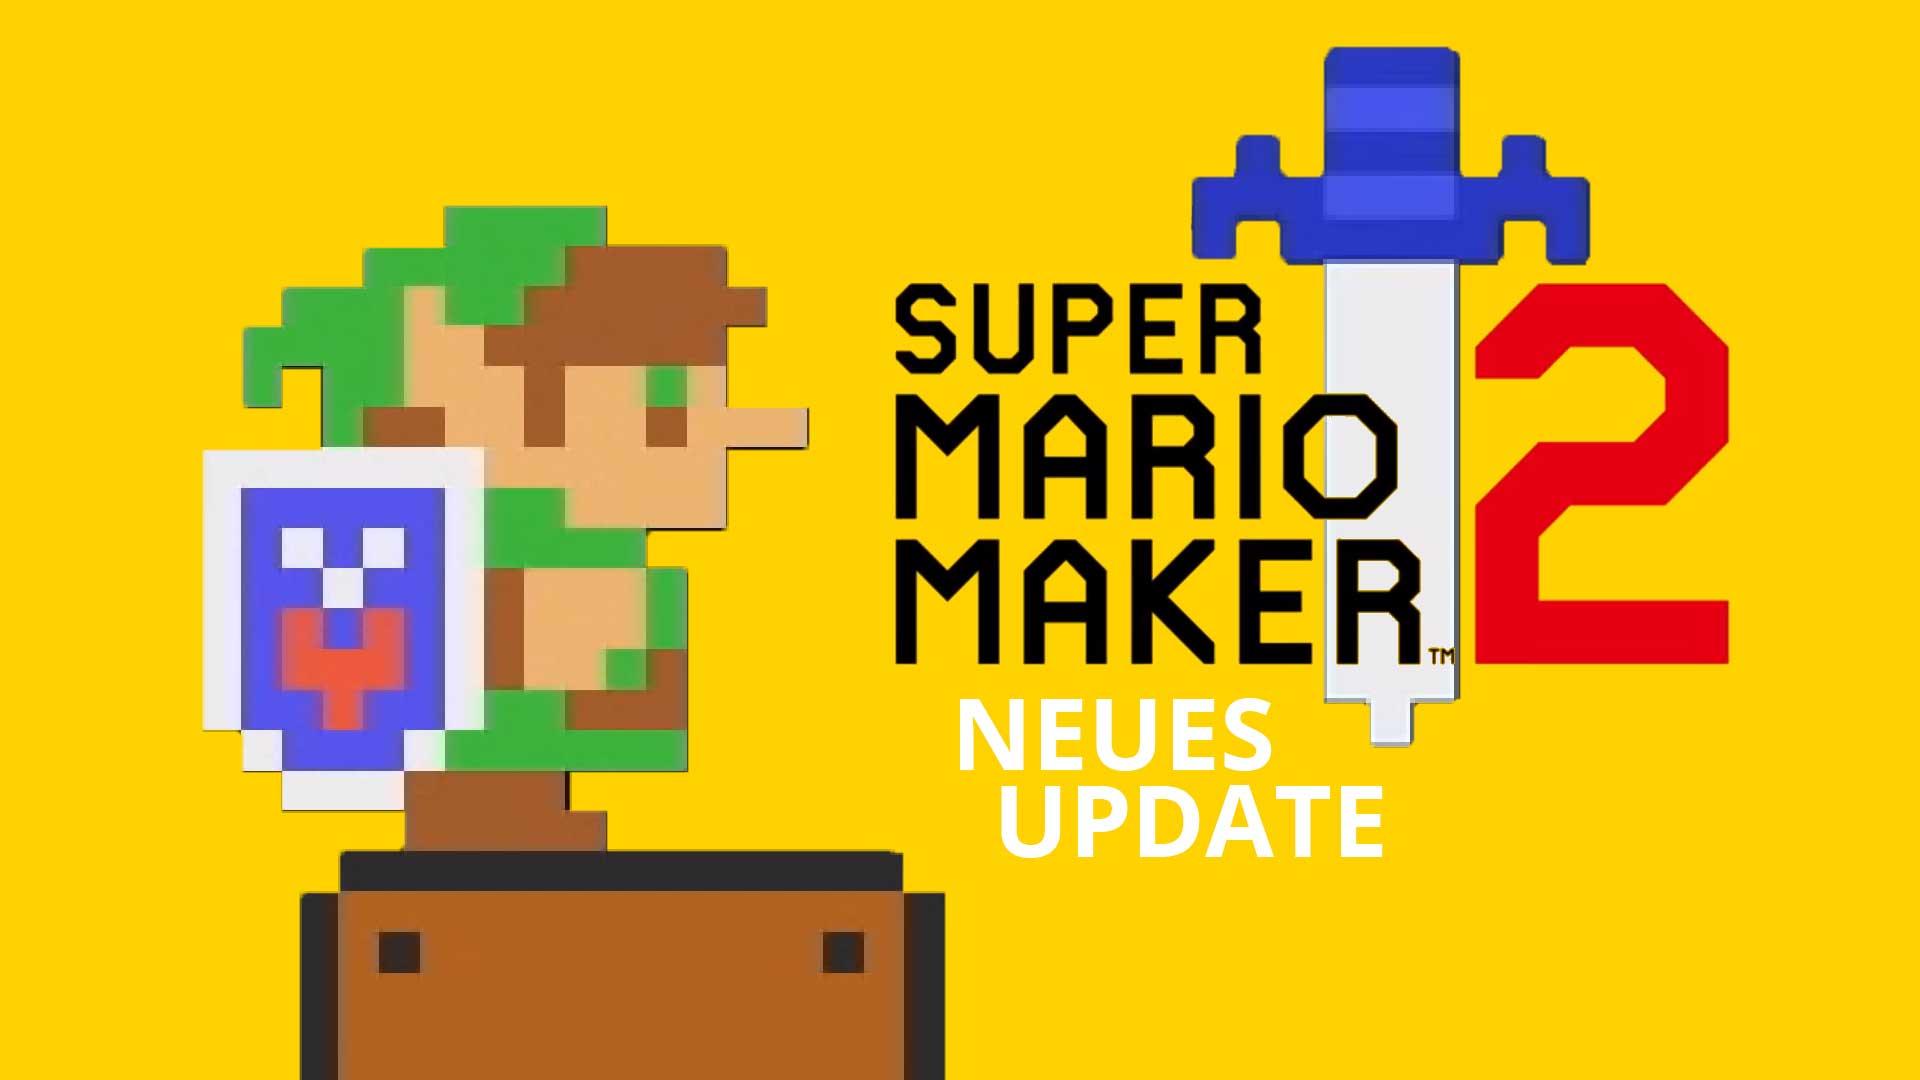 super mario maker 2 zelda update